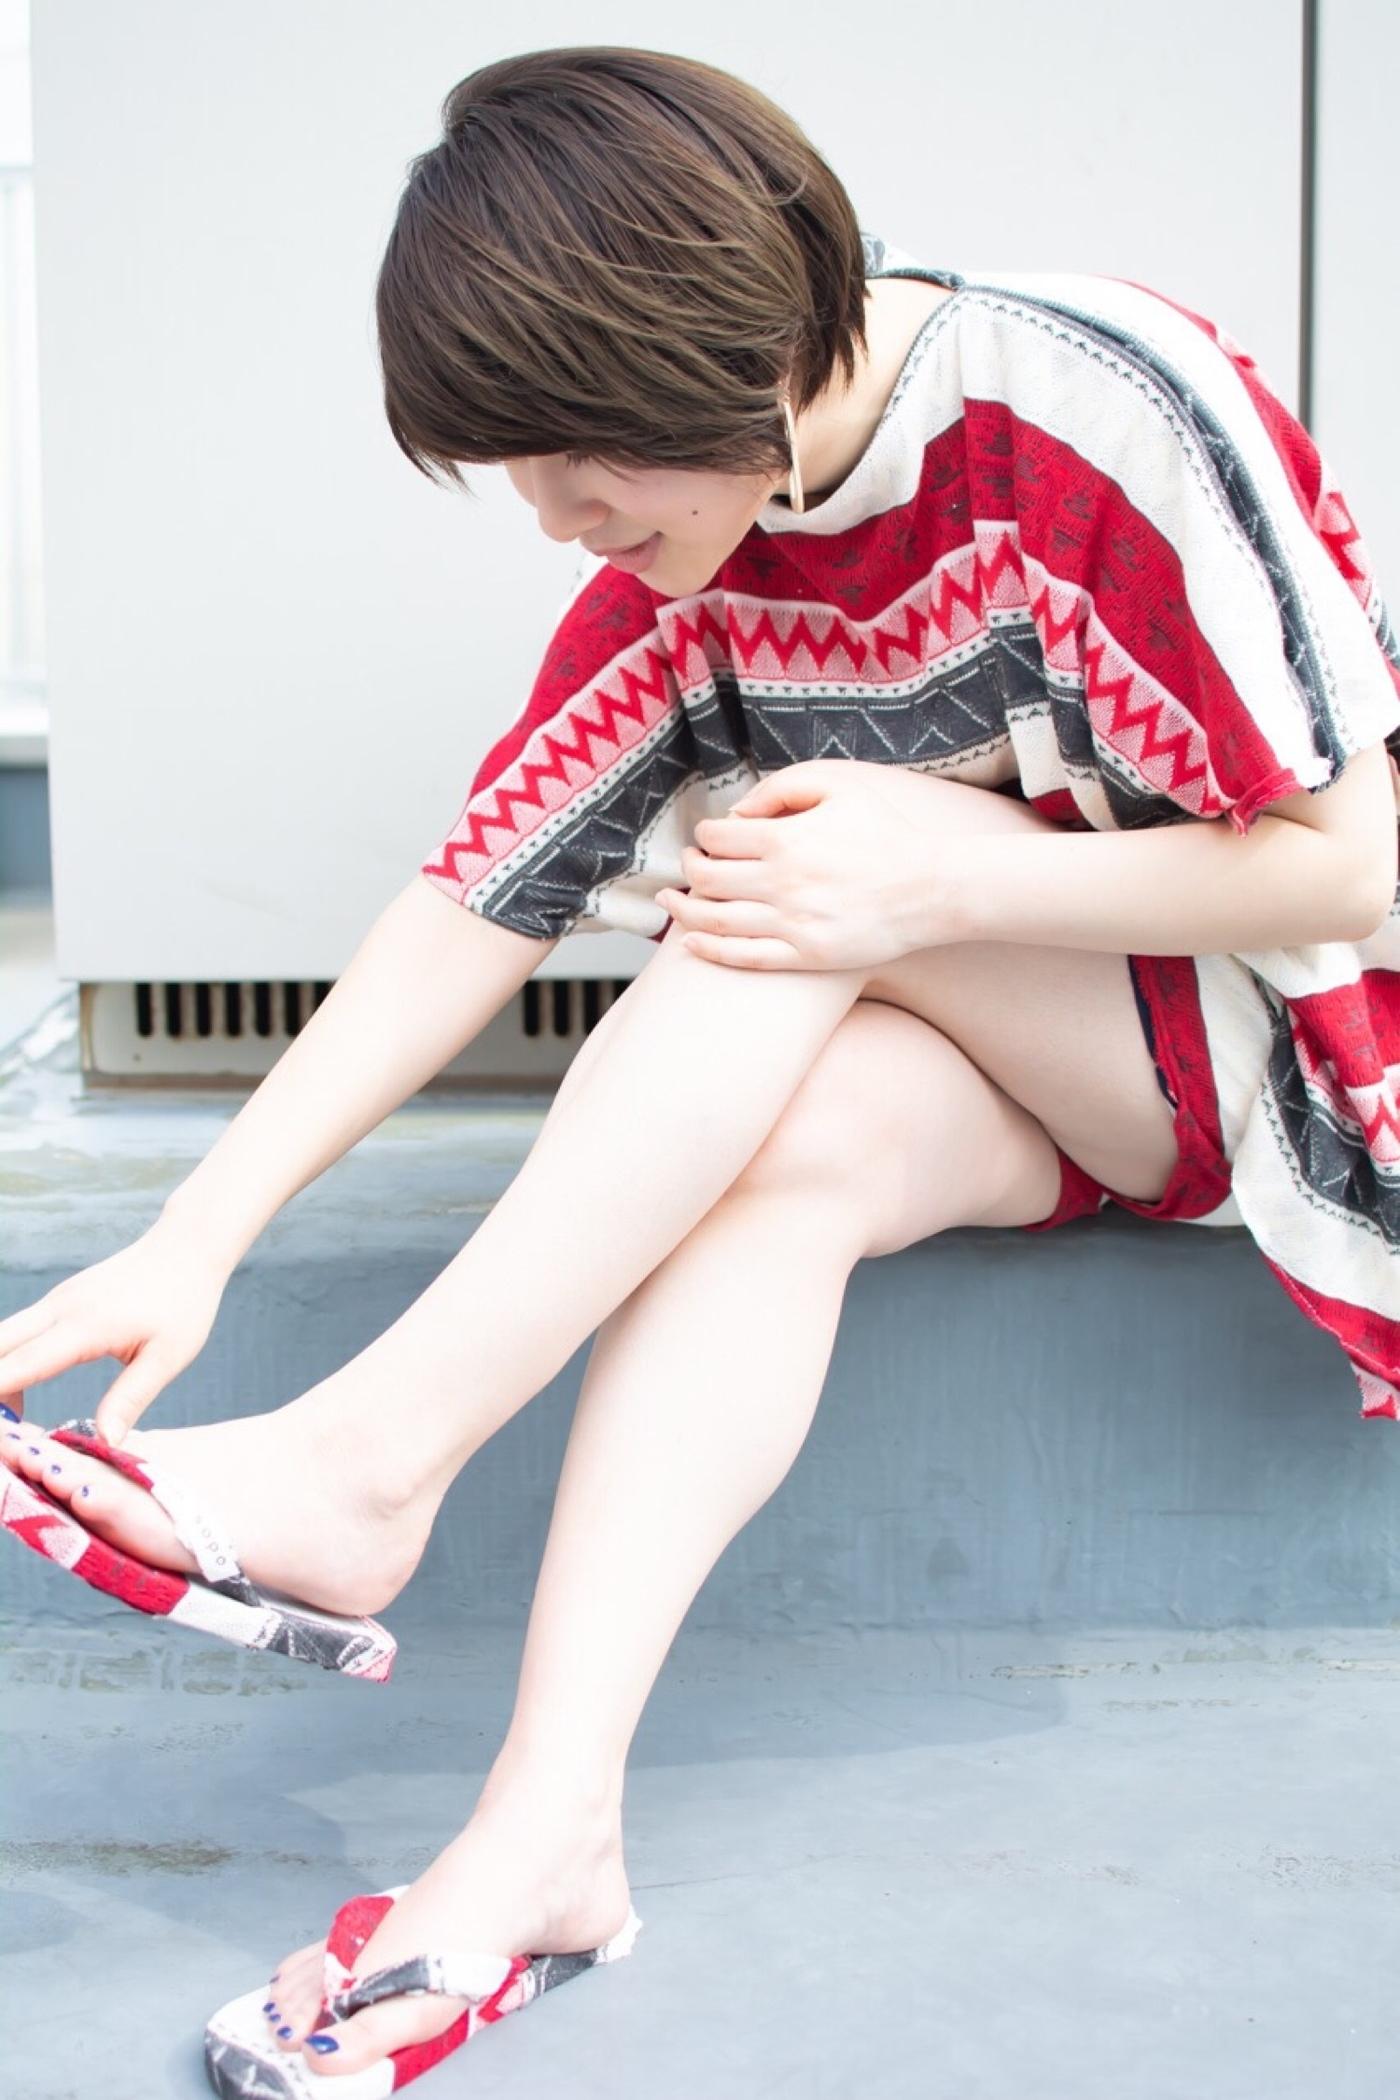 noine スタイリスト斉藤です。 屋上で、撮影ー!! HUEカラーで、カラーしました。 「ピアス」「服」「サンダル」作りました。 #女っぽ#ピアス#オークル#カラー #オフィス #ナチュラル #ミディアム #女子会#大人かわいい #ショートボブ #ブラウン #うざバング #コンテスト #丸顔#ショート#HUEカラー#ヒューグロス